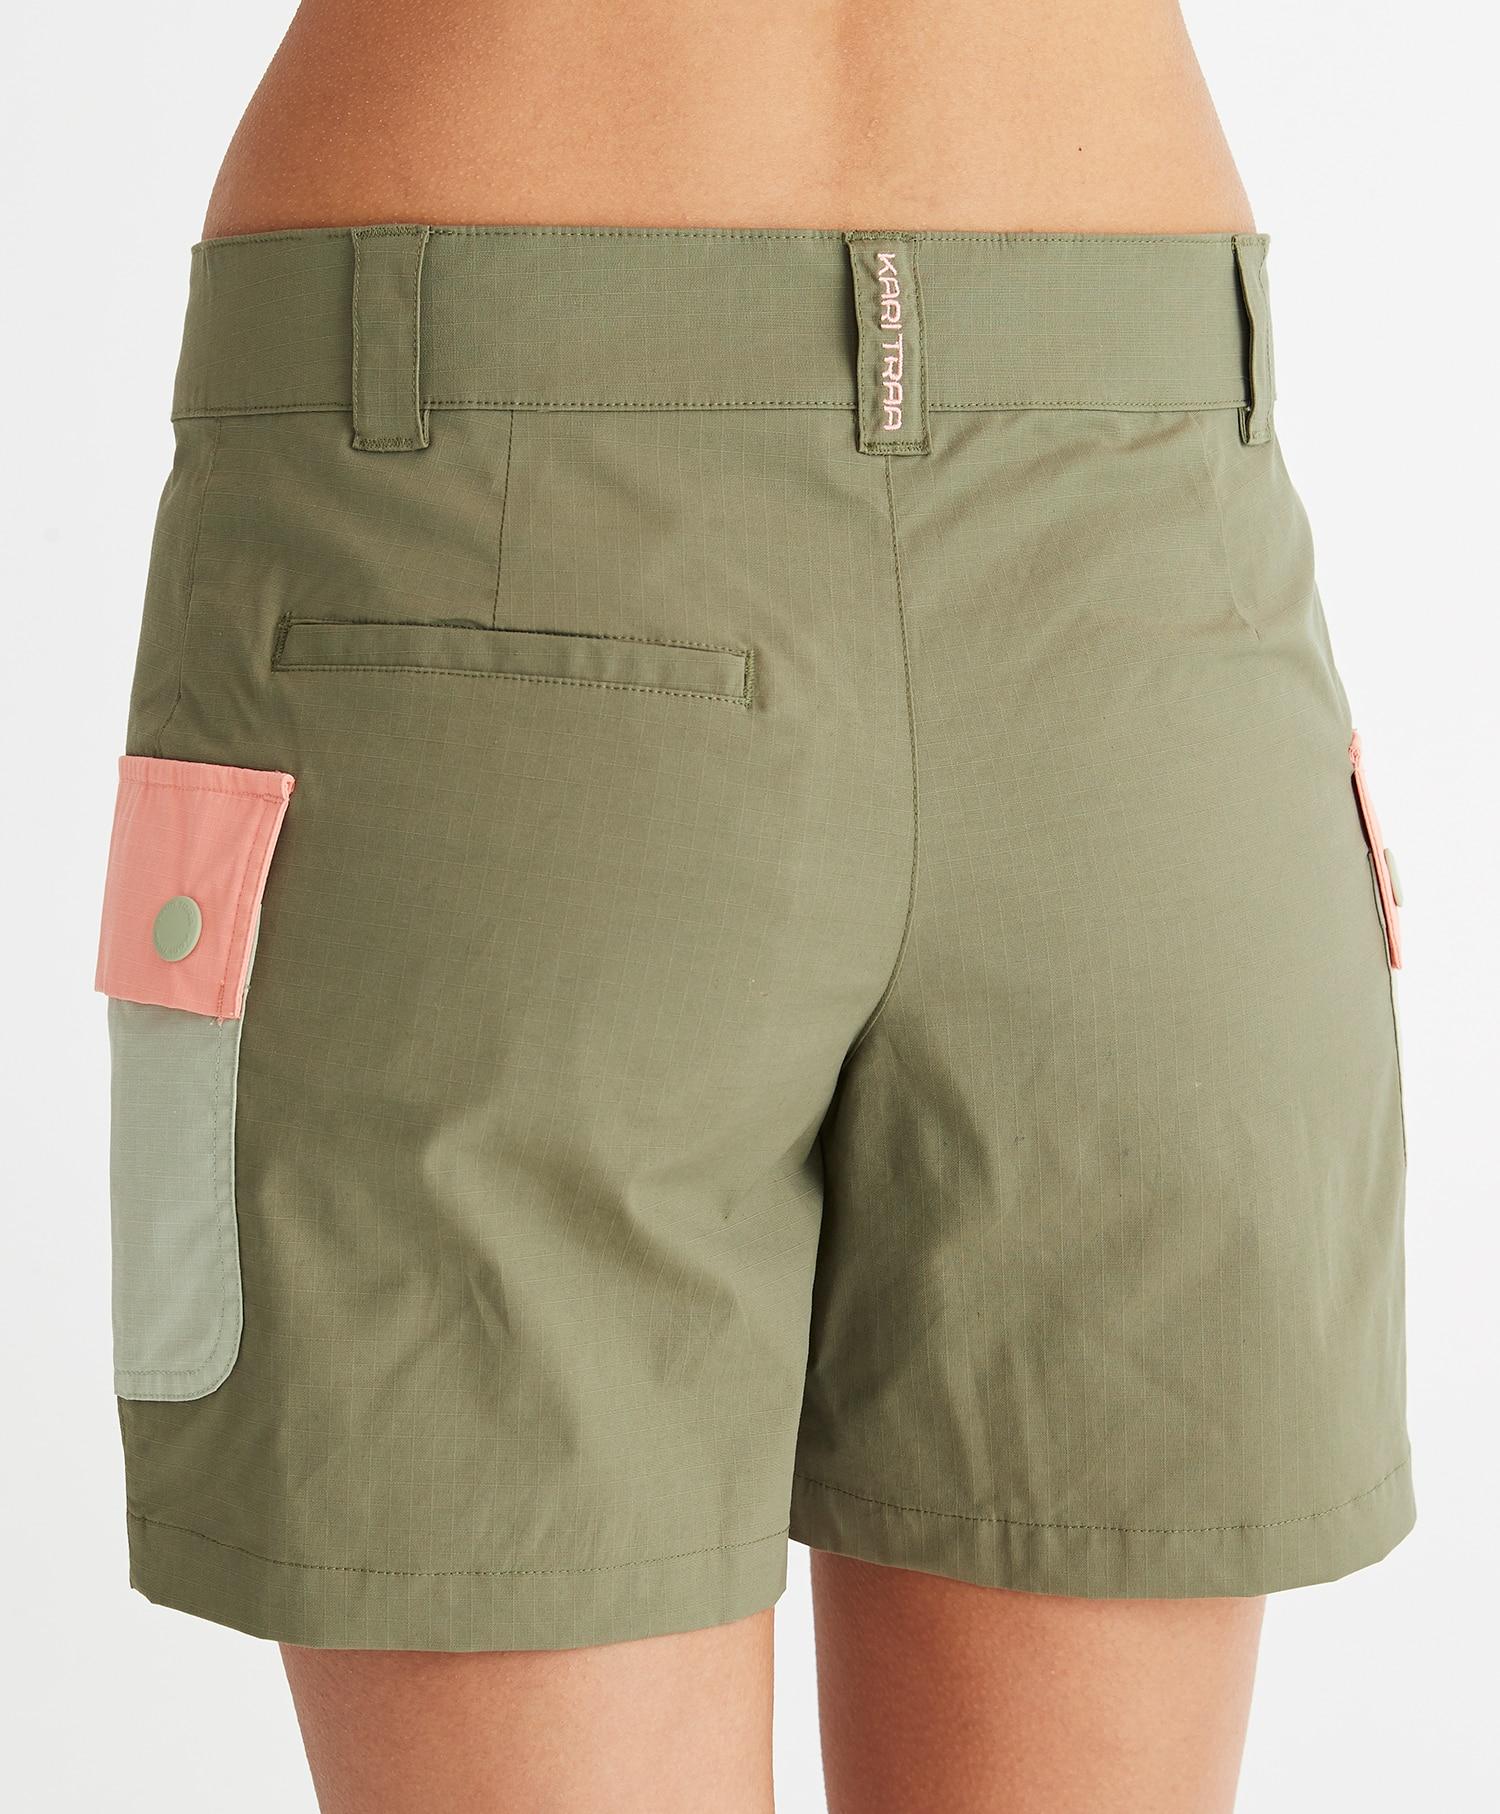 Kari Traa Mølster shorts